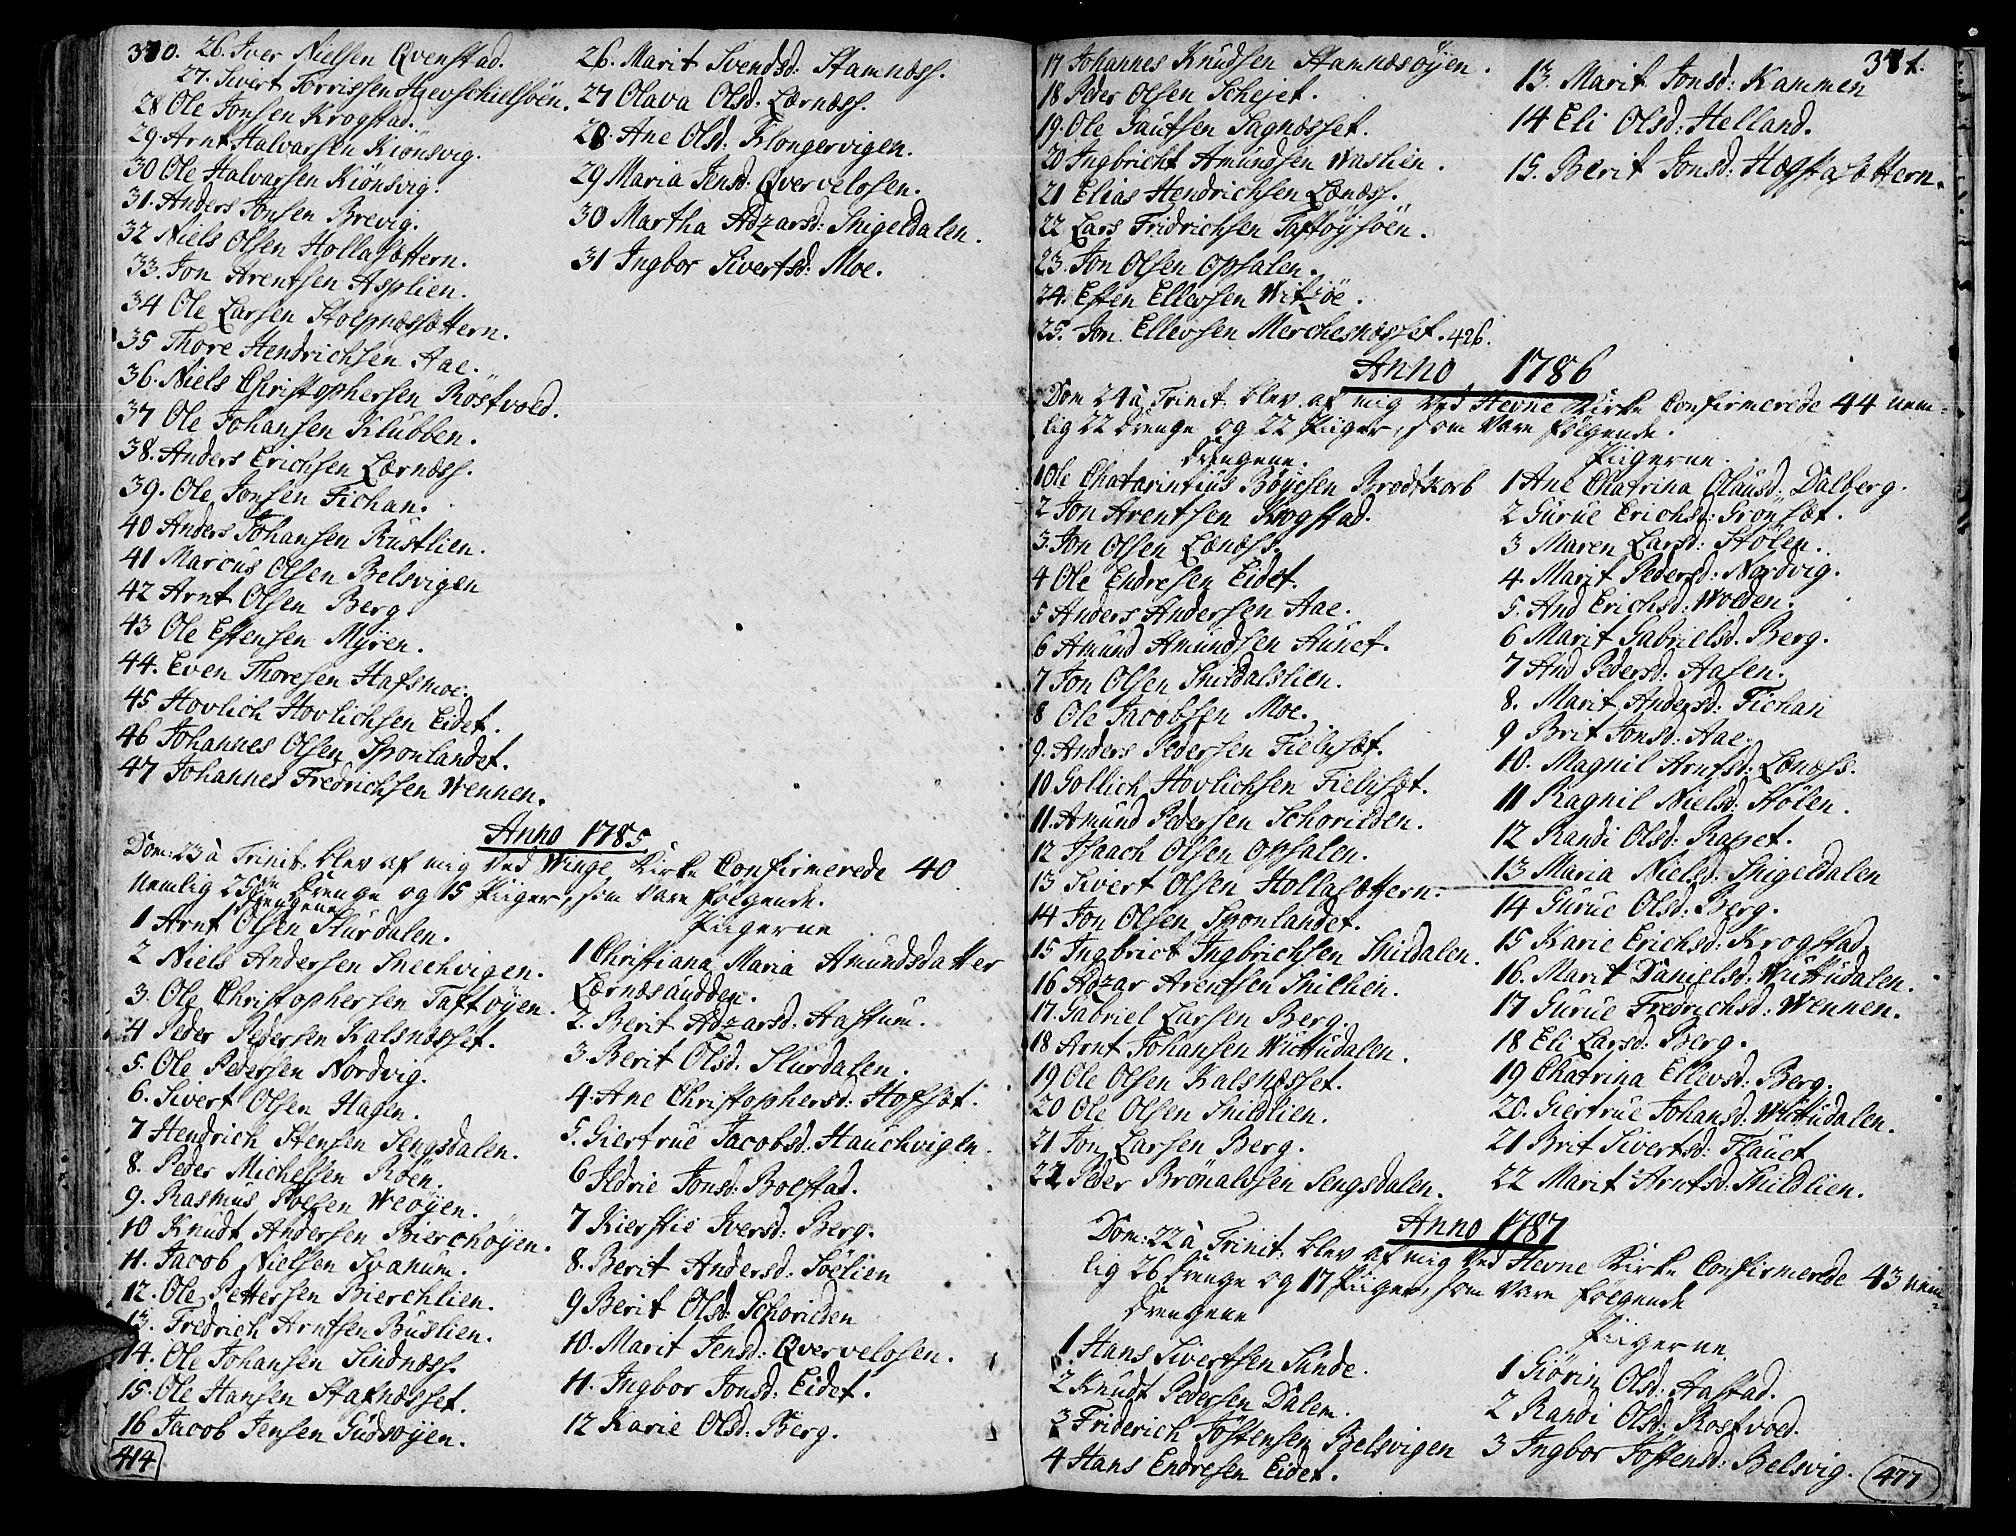 SAT, Ministerialprotokoller, klokkerbøker og fødselsregistre - Sør-Trøndelag, 630/L0489: Ministerialbok nr. 630A02, 1757-1794, s. 370-371